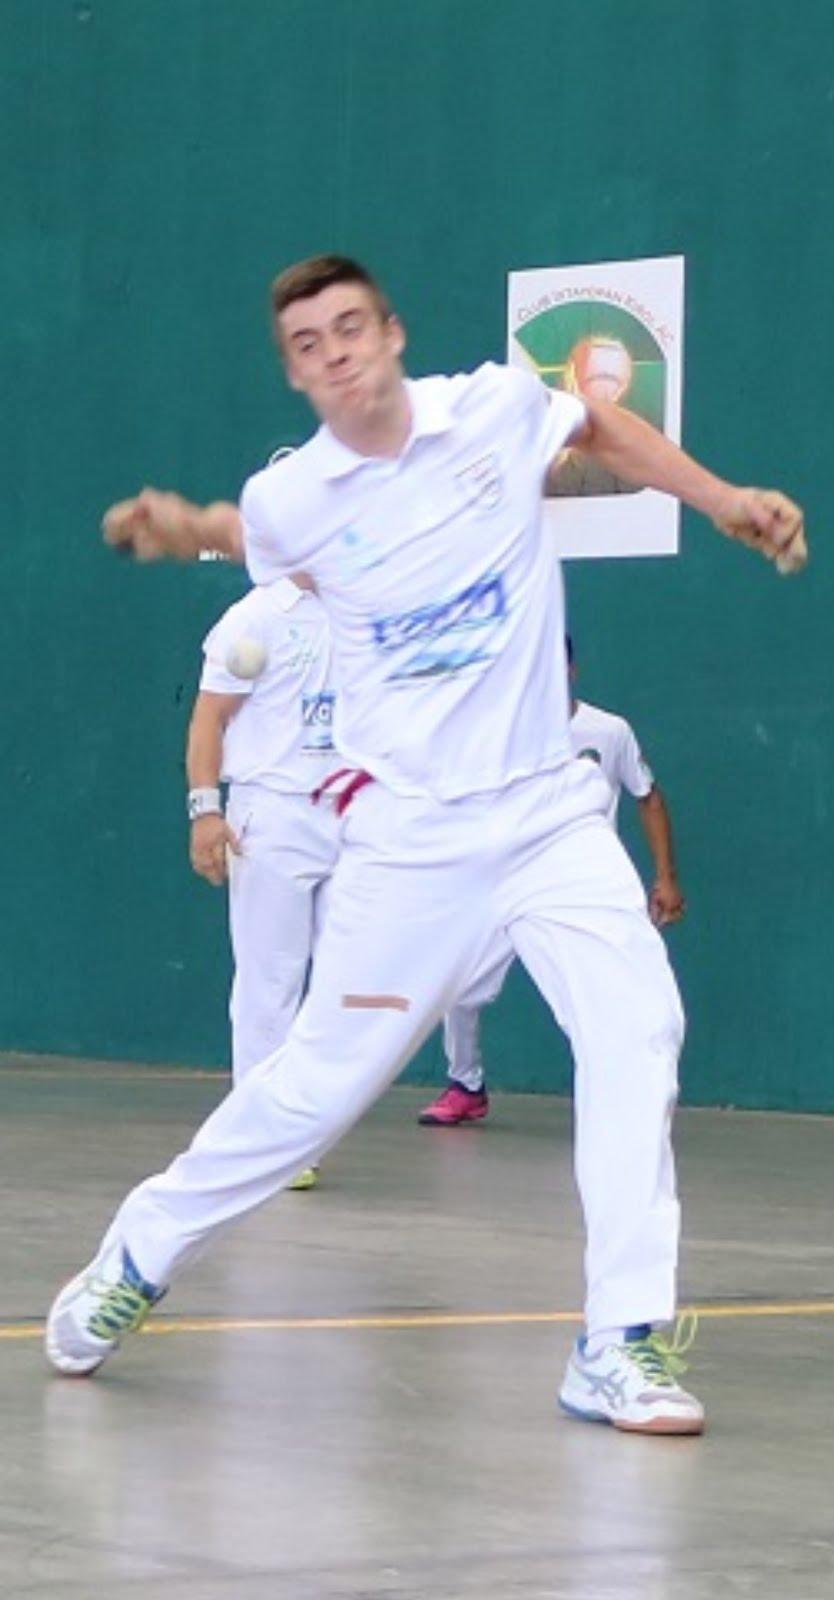 Regresó la pasión del frontón a mano en Ixtayopan con Torneo de la Amistad